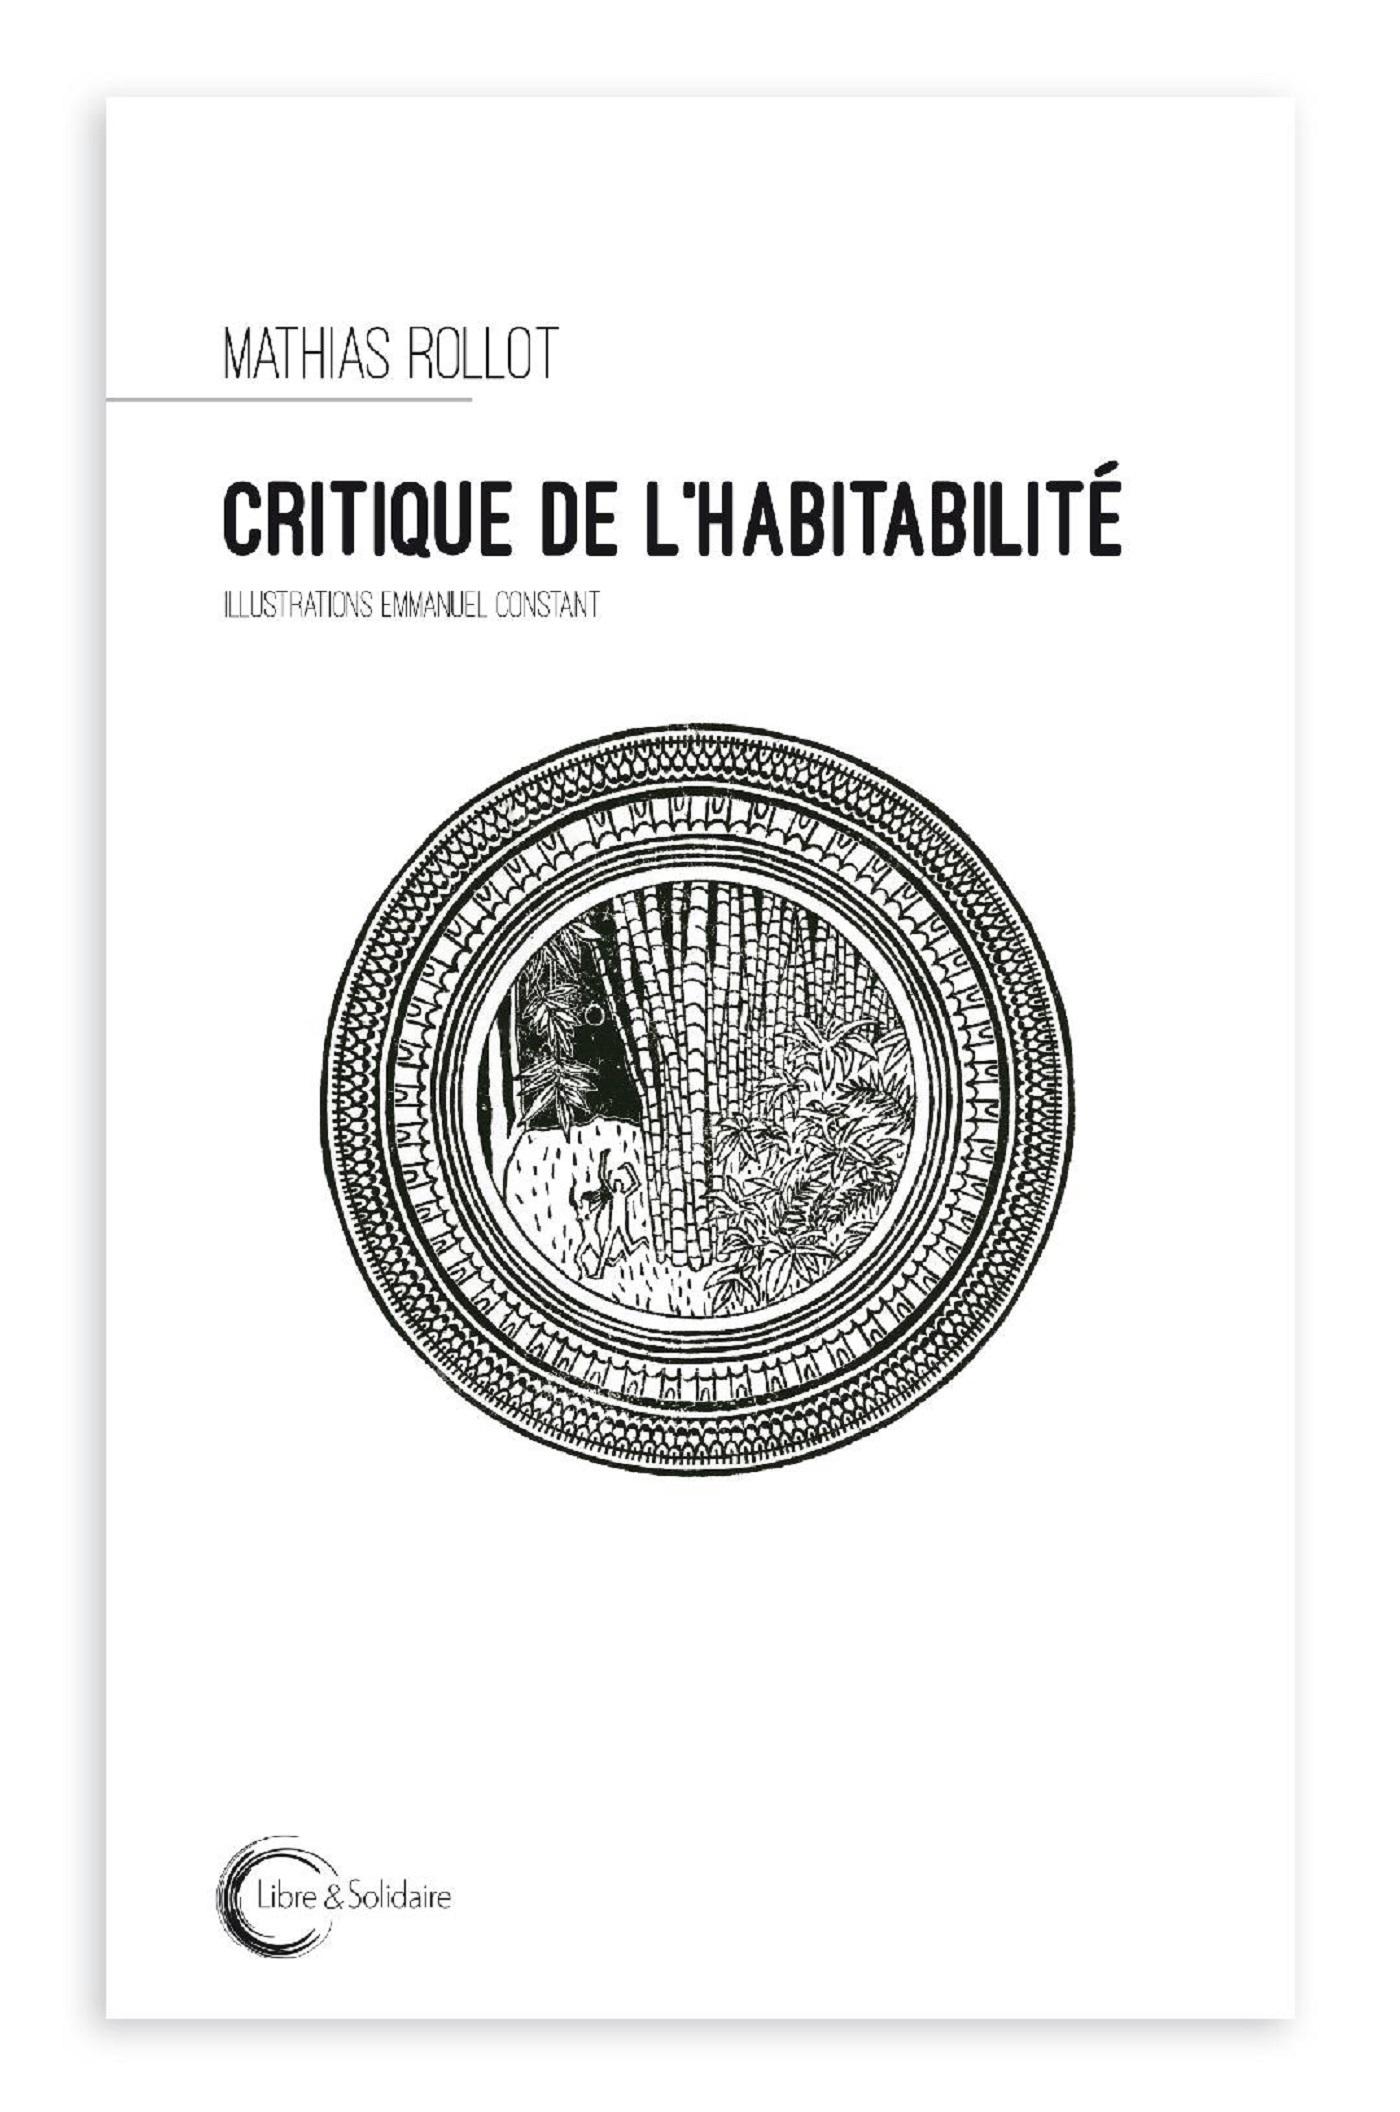 CRITIQUE DE L'HABITABILITE